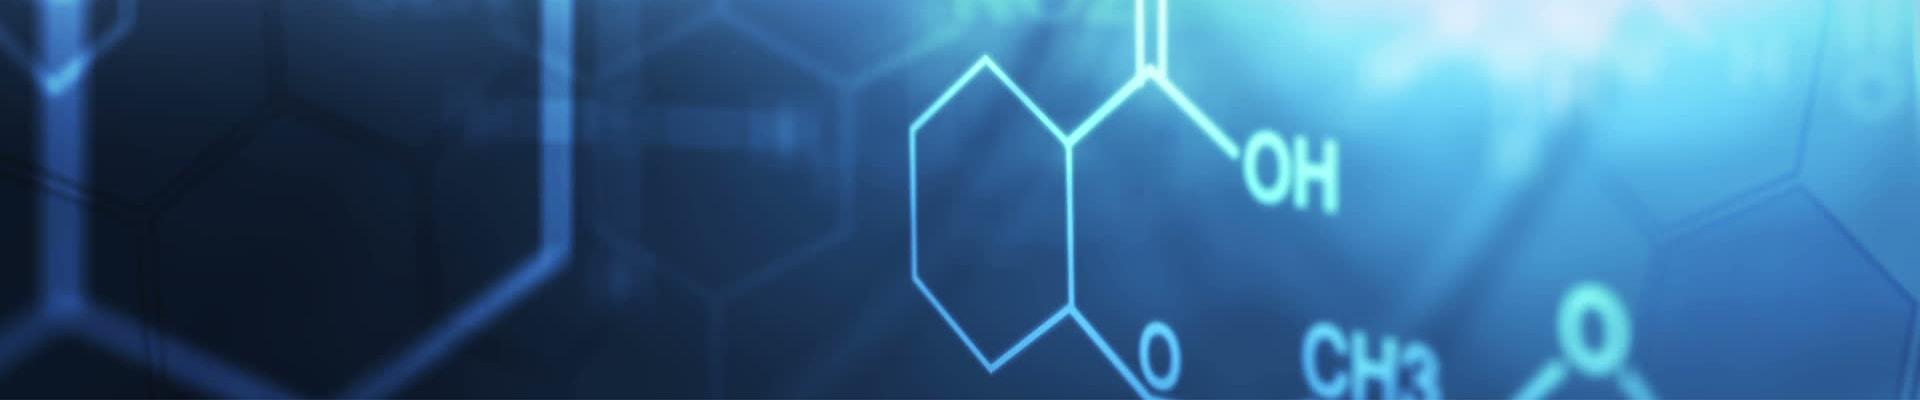 Genel Deterjan Kimyasalları